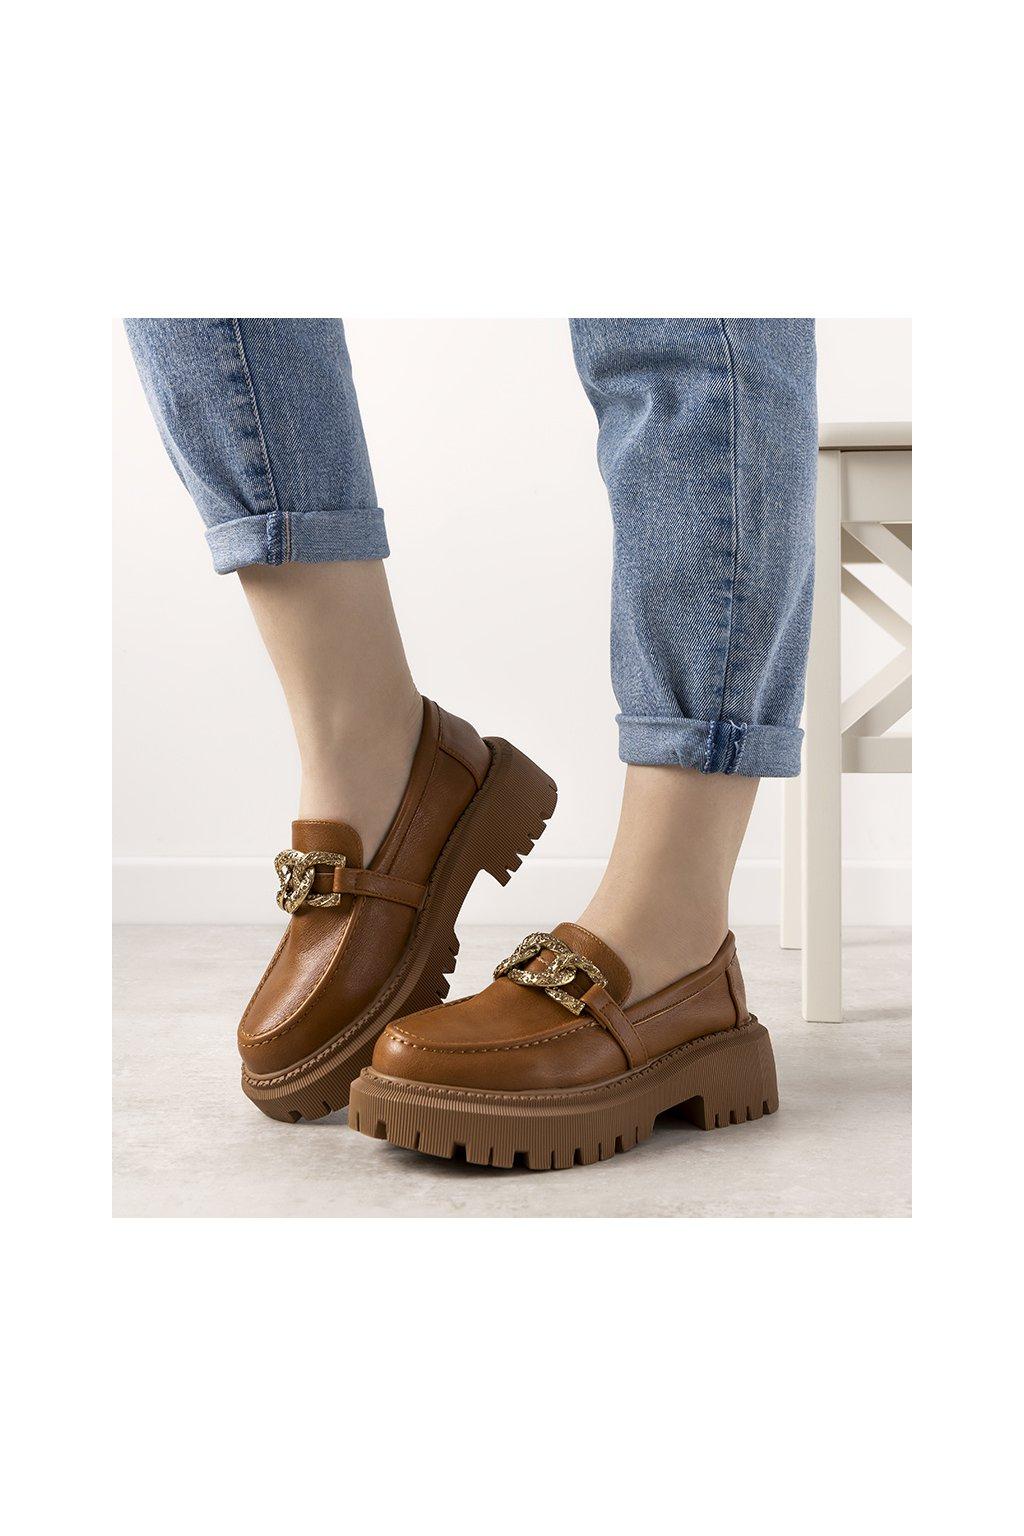 Dámske topánky mokasíny hnedé kód 333-159 - GM